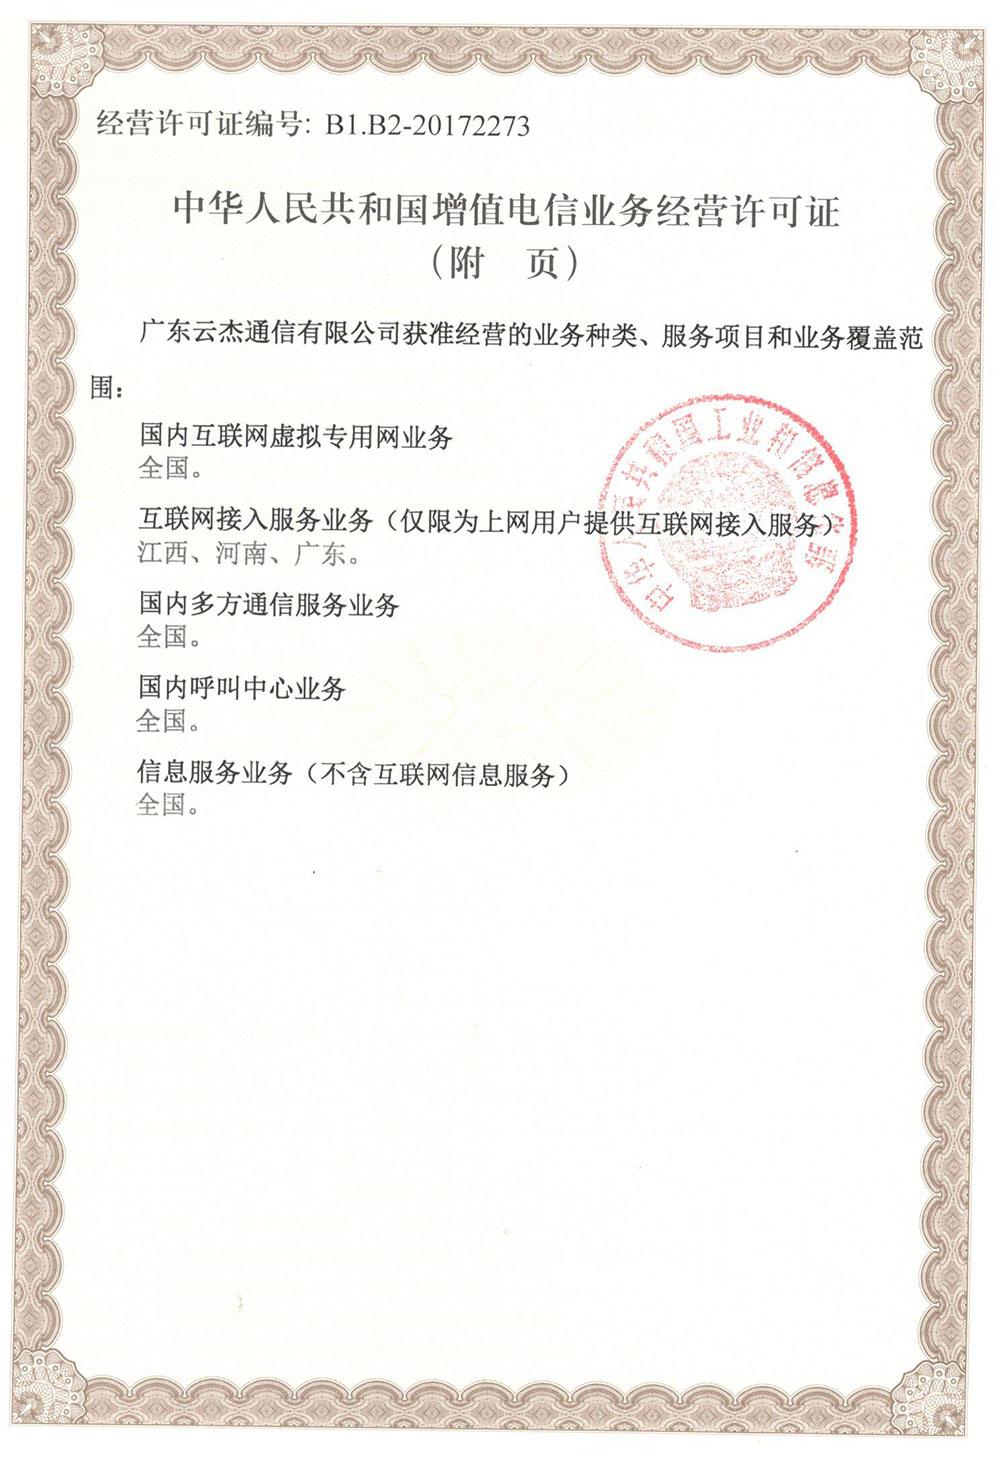 中华人民共和国增值电信业务经营许可证(附页2)